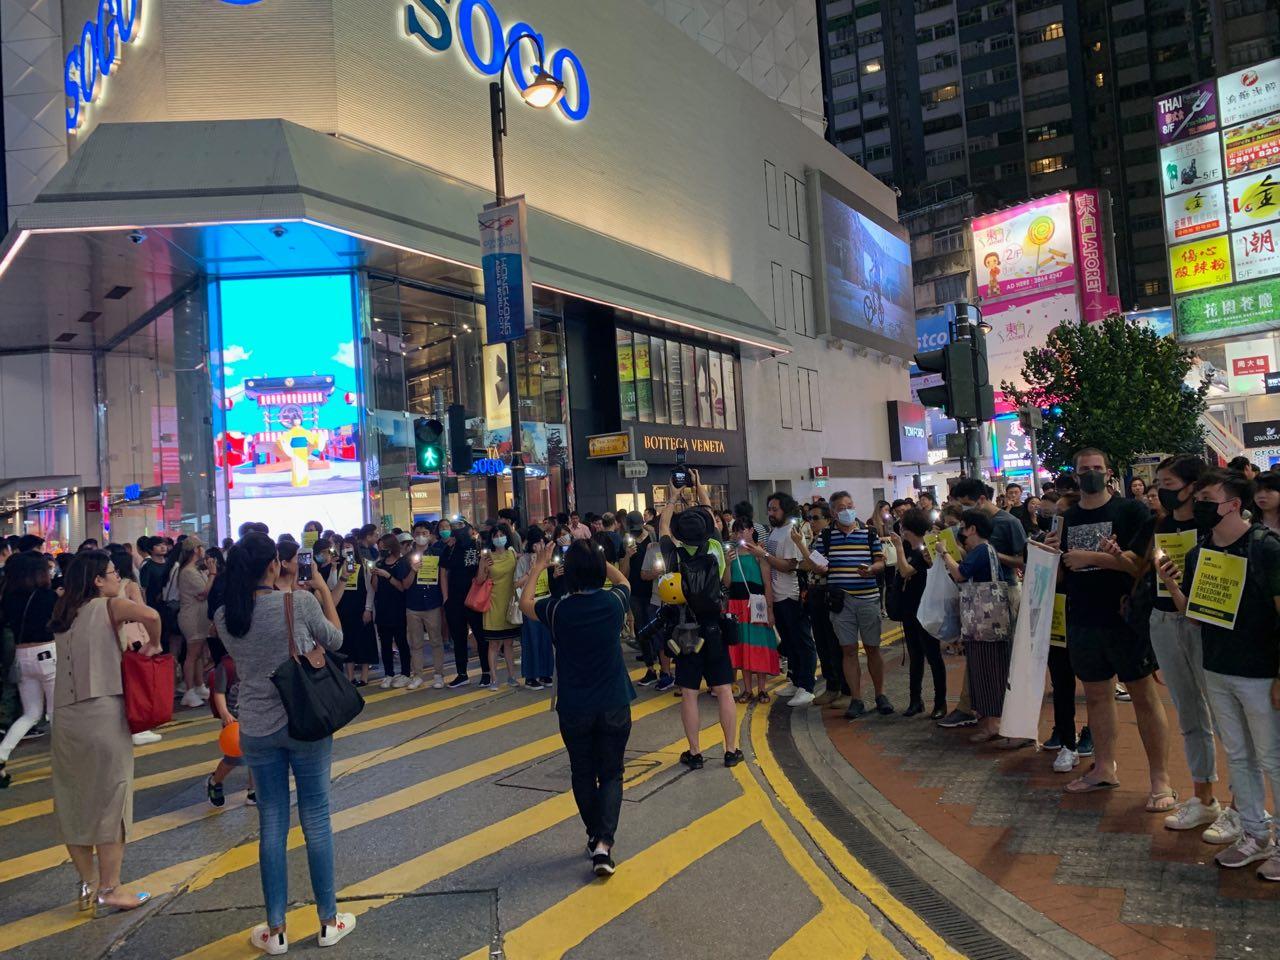 8月23日晚7時,港人發起「香港之路築人鏈」活動。圖為銅鑼灣附近的人鏈。(駱亞/大紀元)